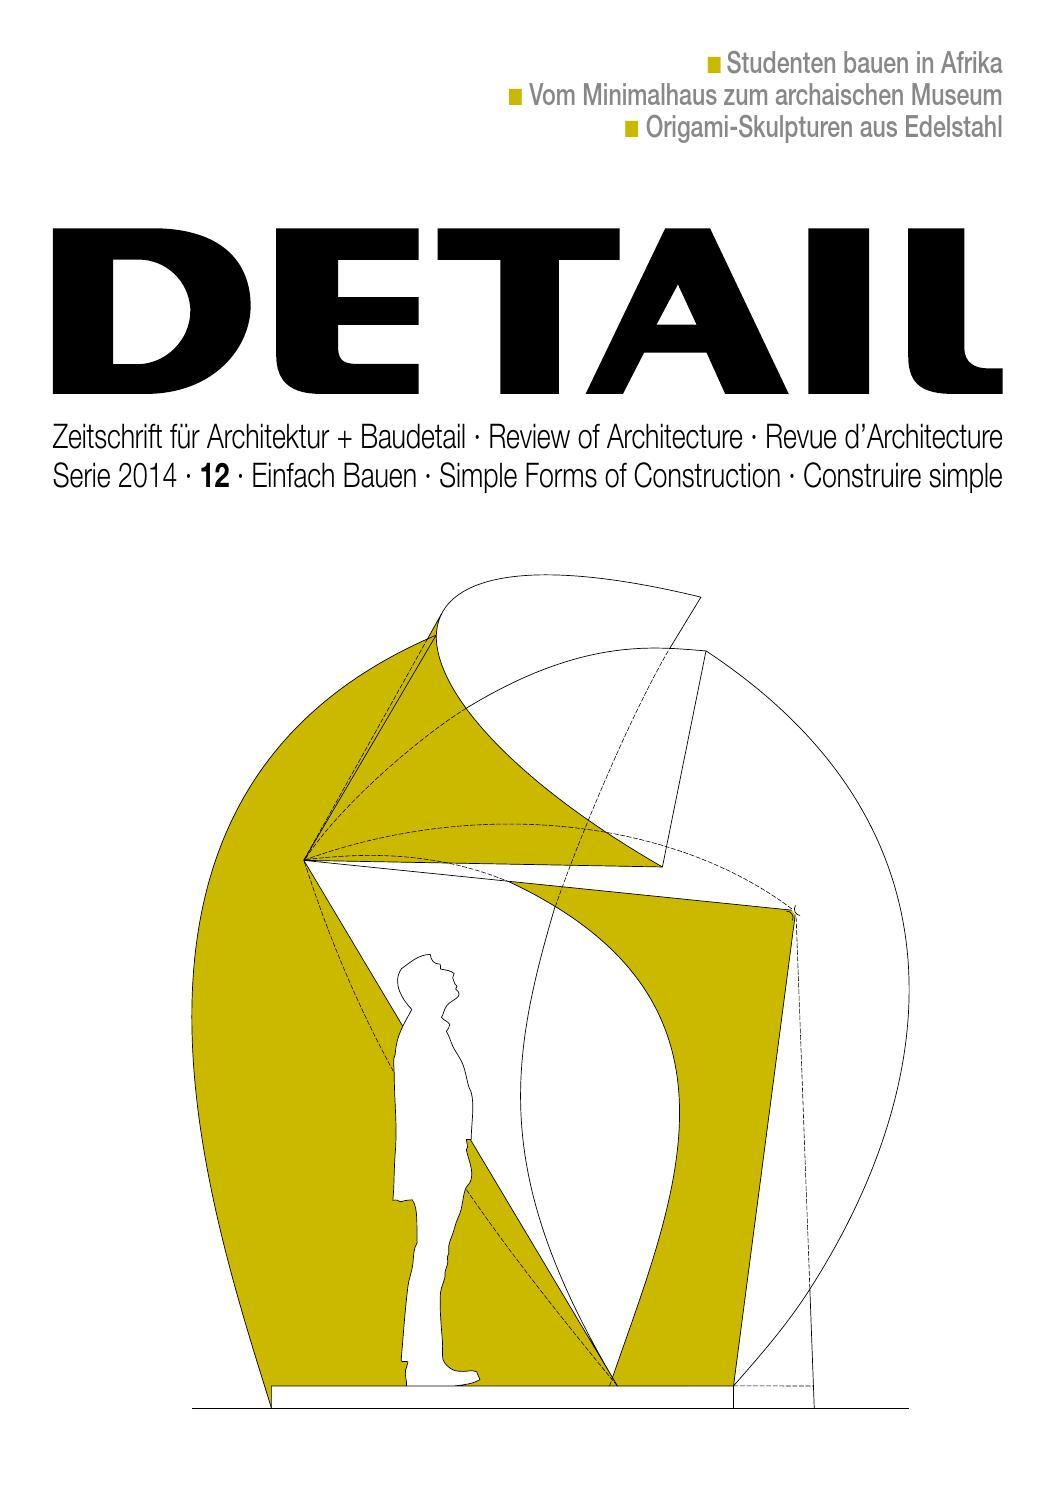 Zeitschrift für Architektur + Baudetail · Review of Architecture by ...